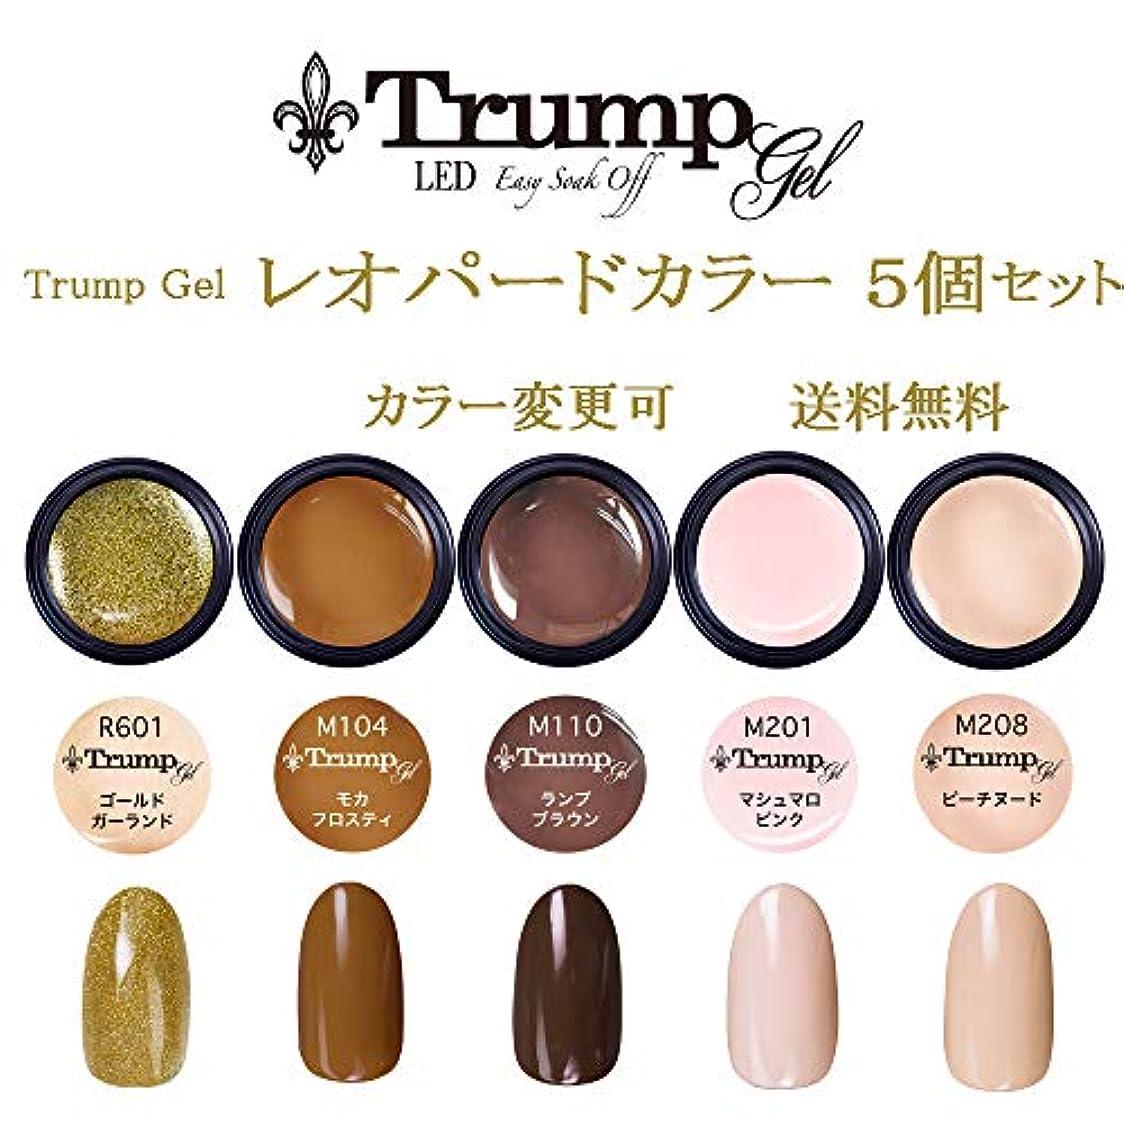 ペルメル待ってトンネル【送料無料】日本製 Trump gel トランプジェル レオパードカラー 選べる カラージェル 5個セット アニマル ベージュ ブラウン ホワイト ラメ カラー